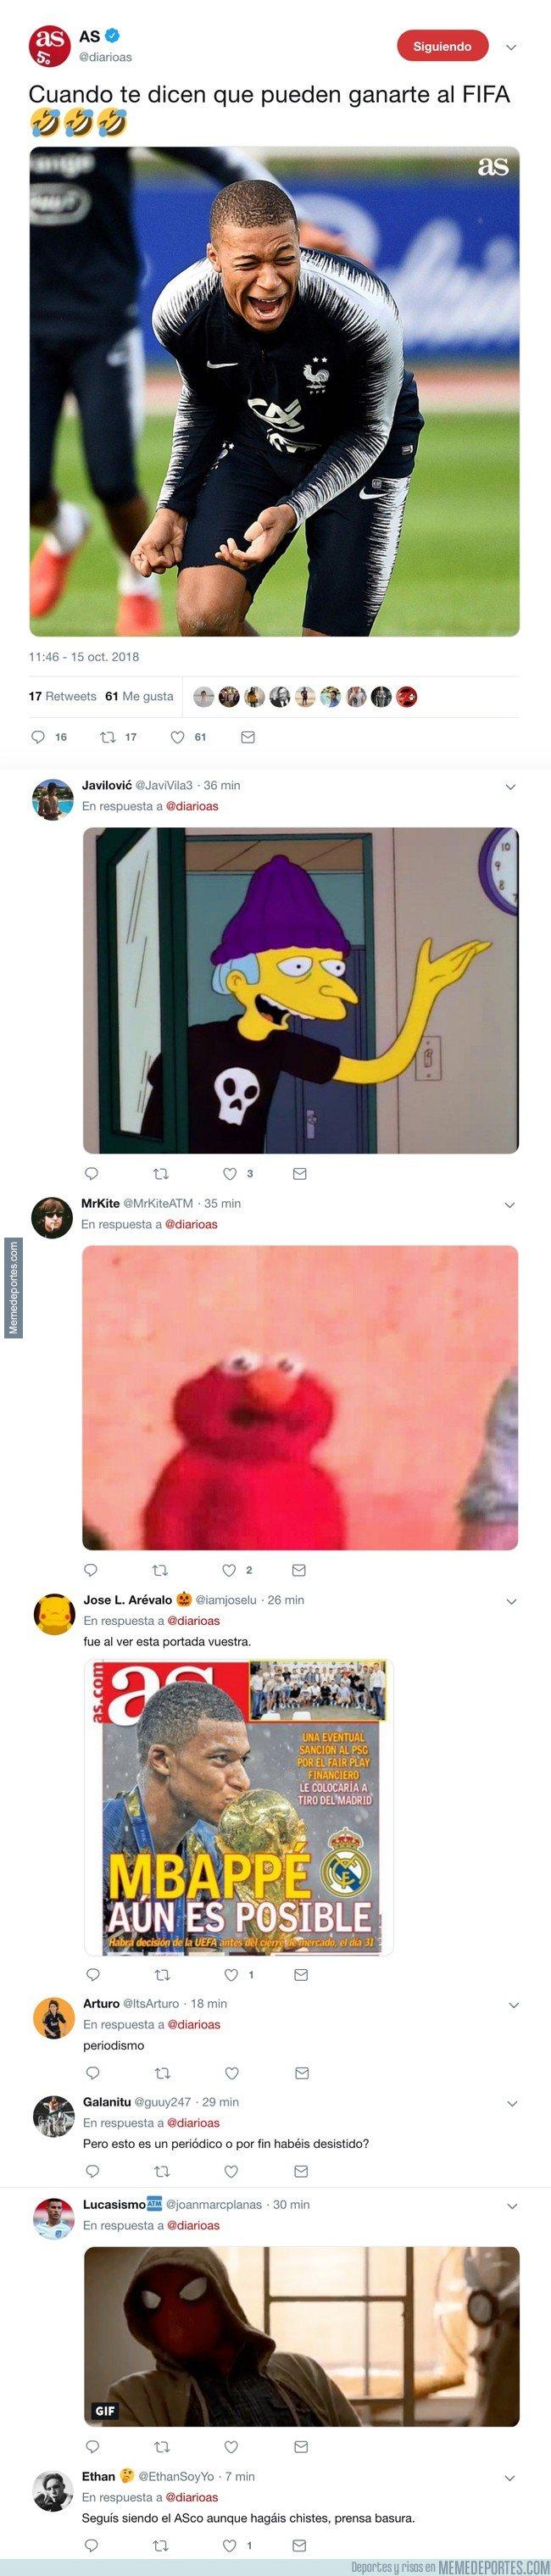 1053253 - El AS intenta hacer memes en twitter y la cosa no les sale como ellos se esperaban